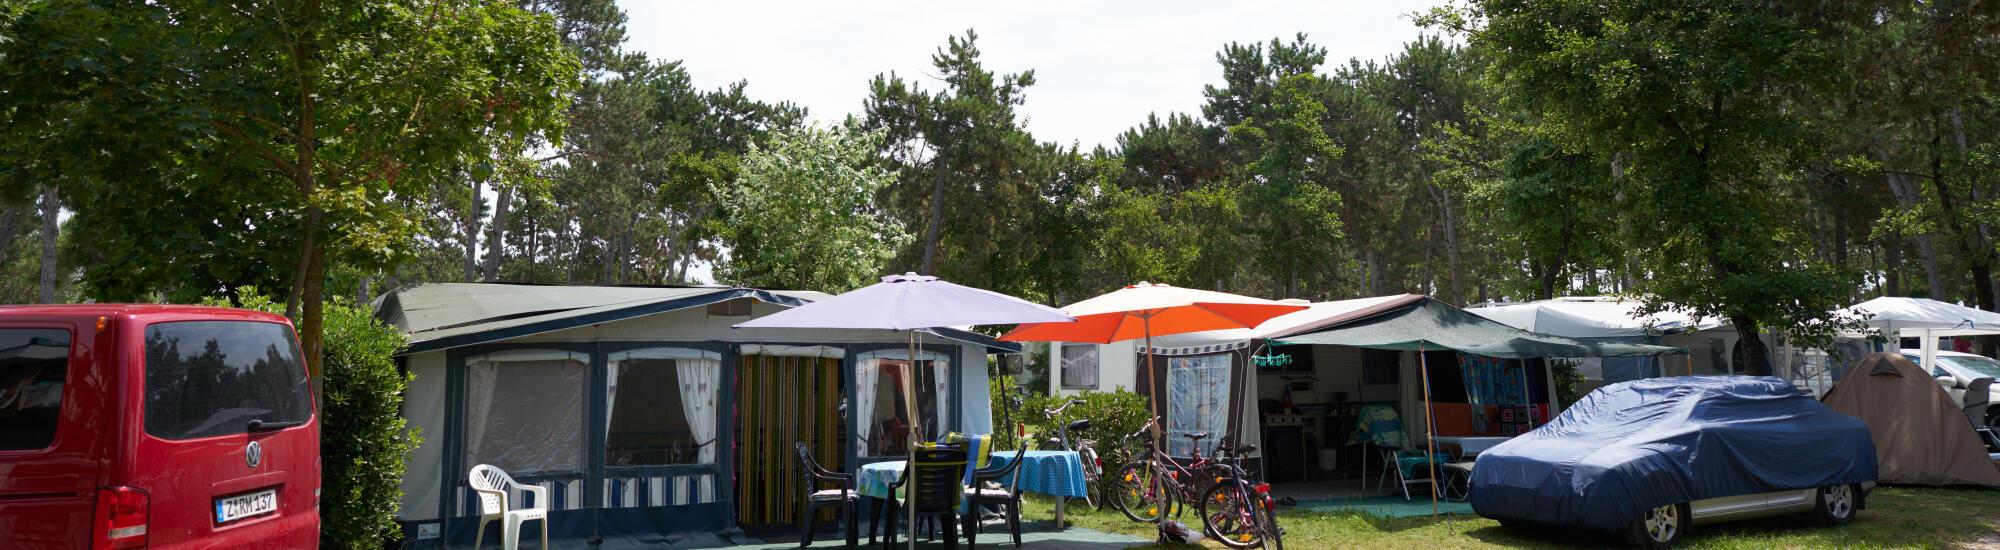 Kampeervakantie in juni op de camping in Bibione: aanbieding staanplaatsen